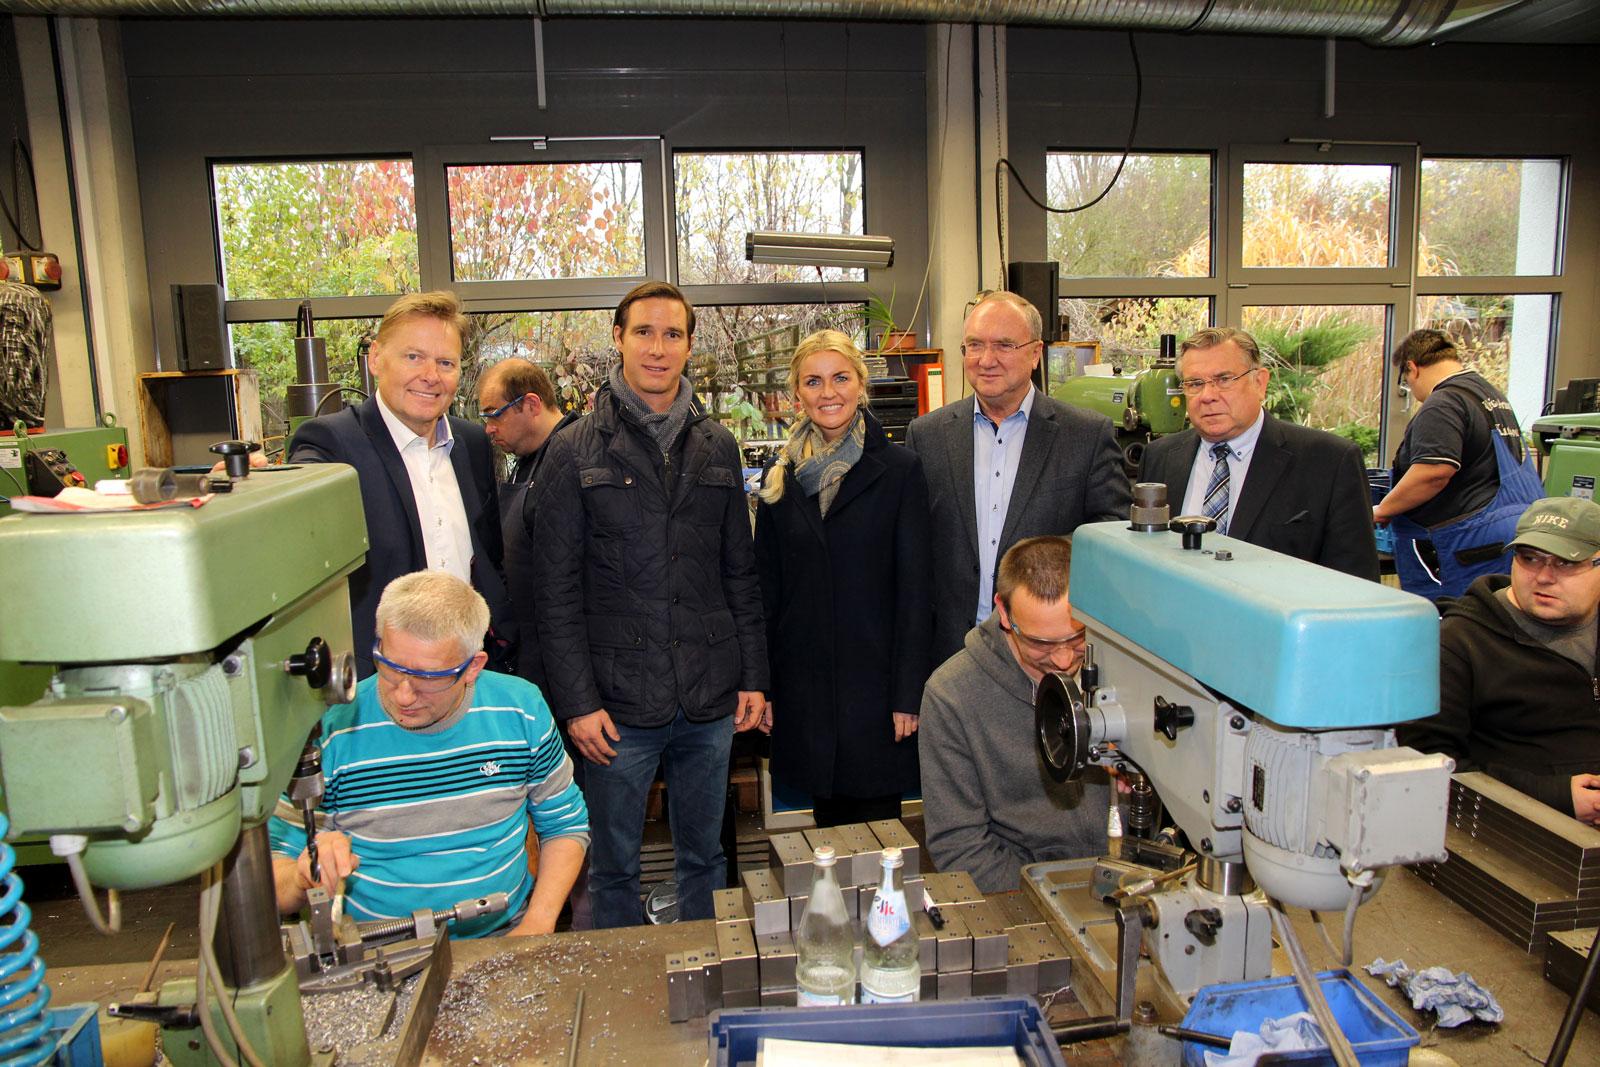 Einblicke in die Arbeitswelt von Beschäftigten mit Behinderung erhielt die Geschäftsleitung der Maisel-Bau beim Rundgang der Moritzberg-Werkstätten. Bildszene: Metallbereich.